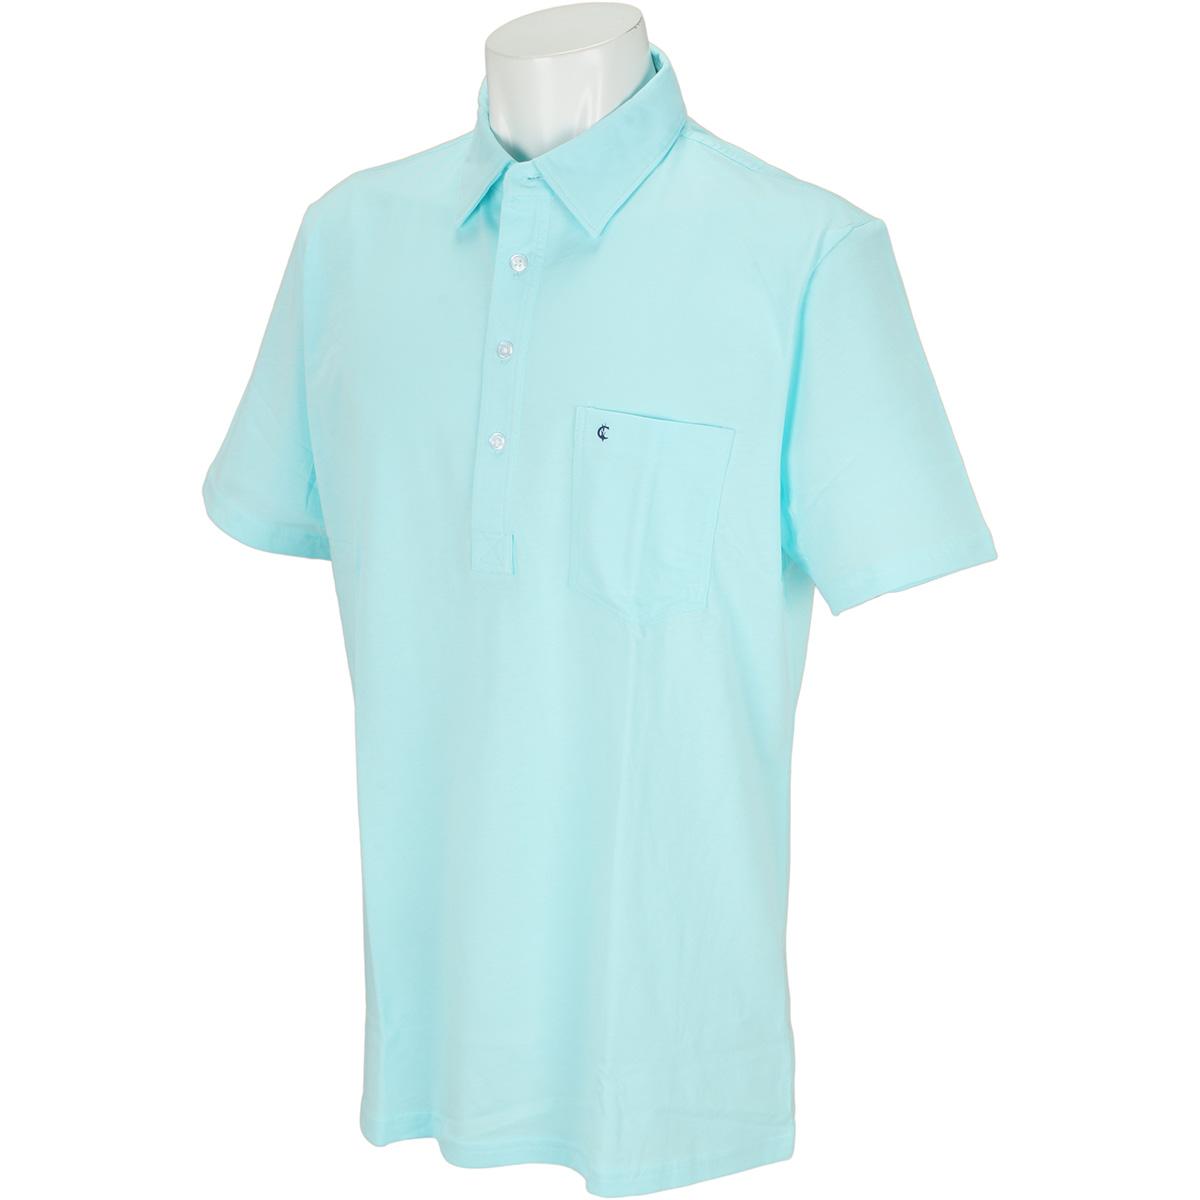 スリムフィットクラシックプレイヤーズ 半袖ポロシャツ